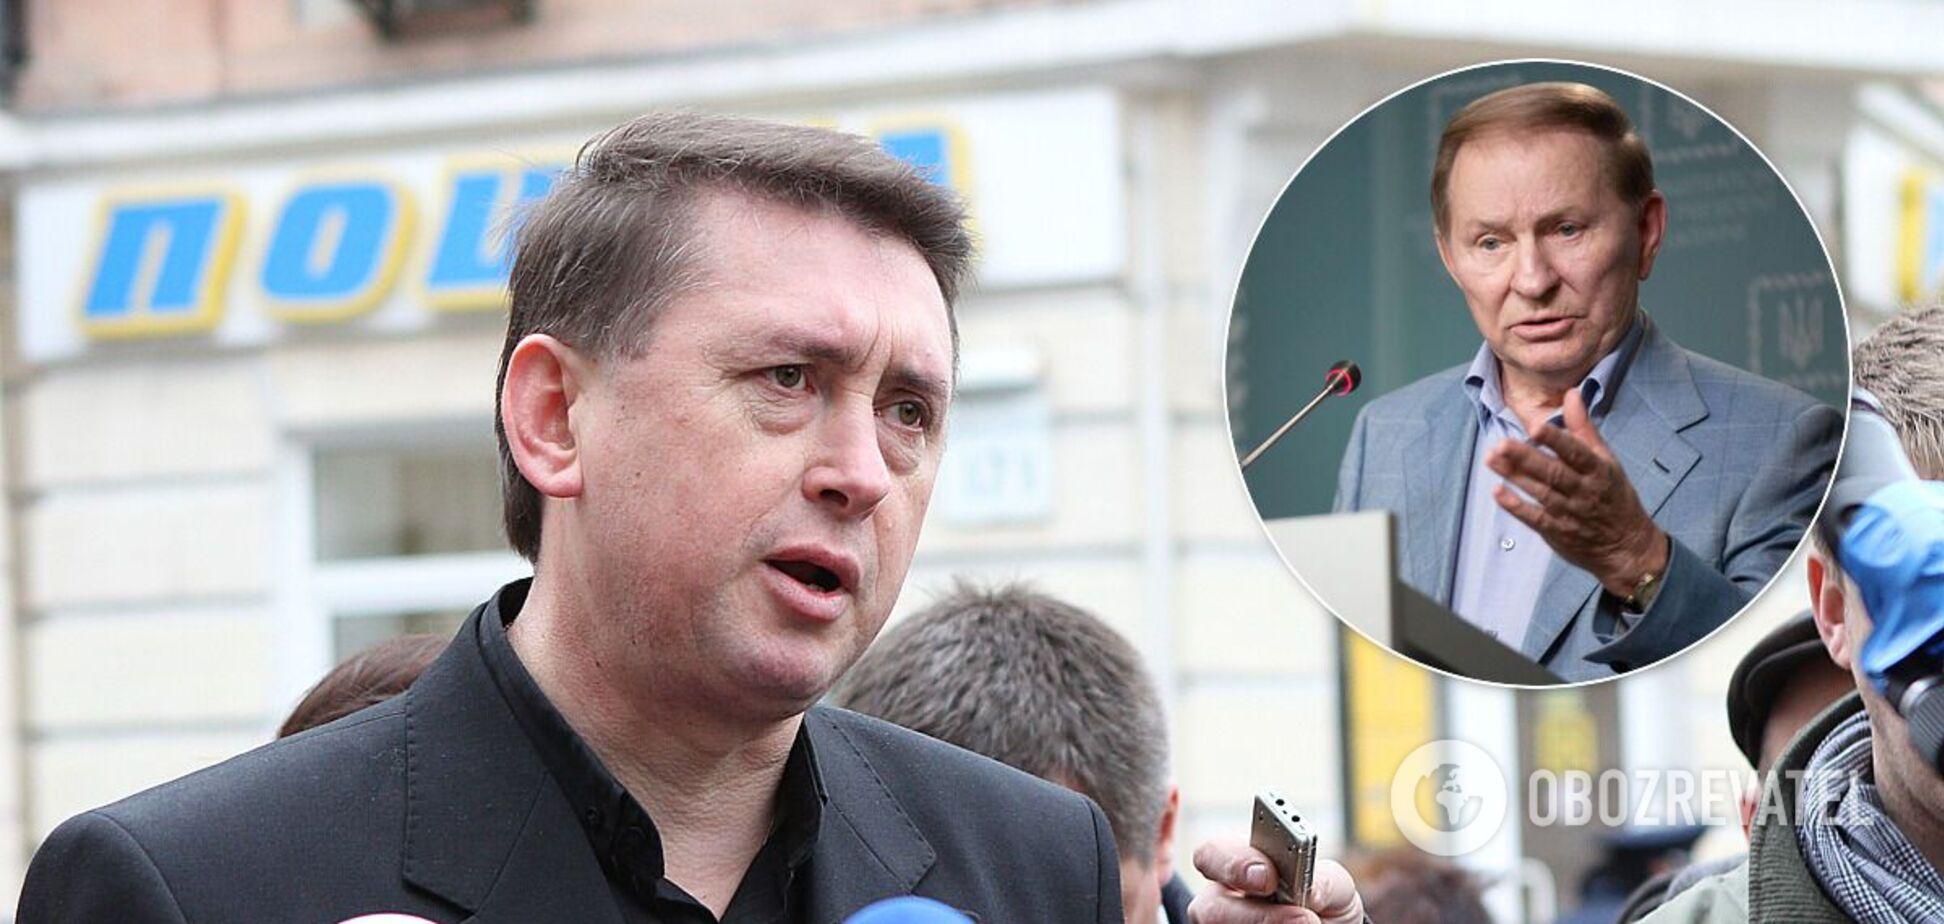 Майор СБУ Николай Мельниченко утверждал, что в течение двух лет он тайно записывал все разговоры президента Кучмы